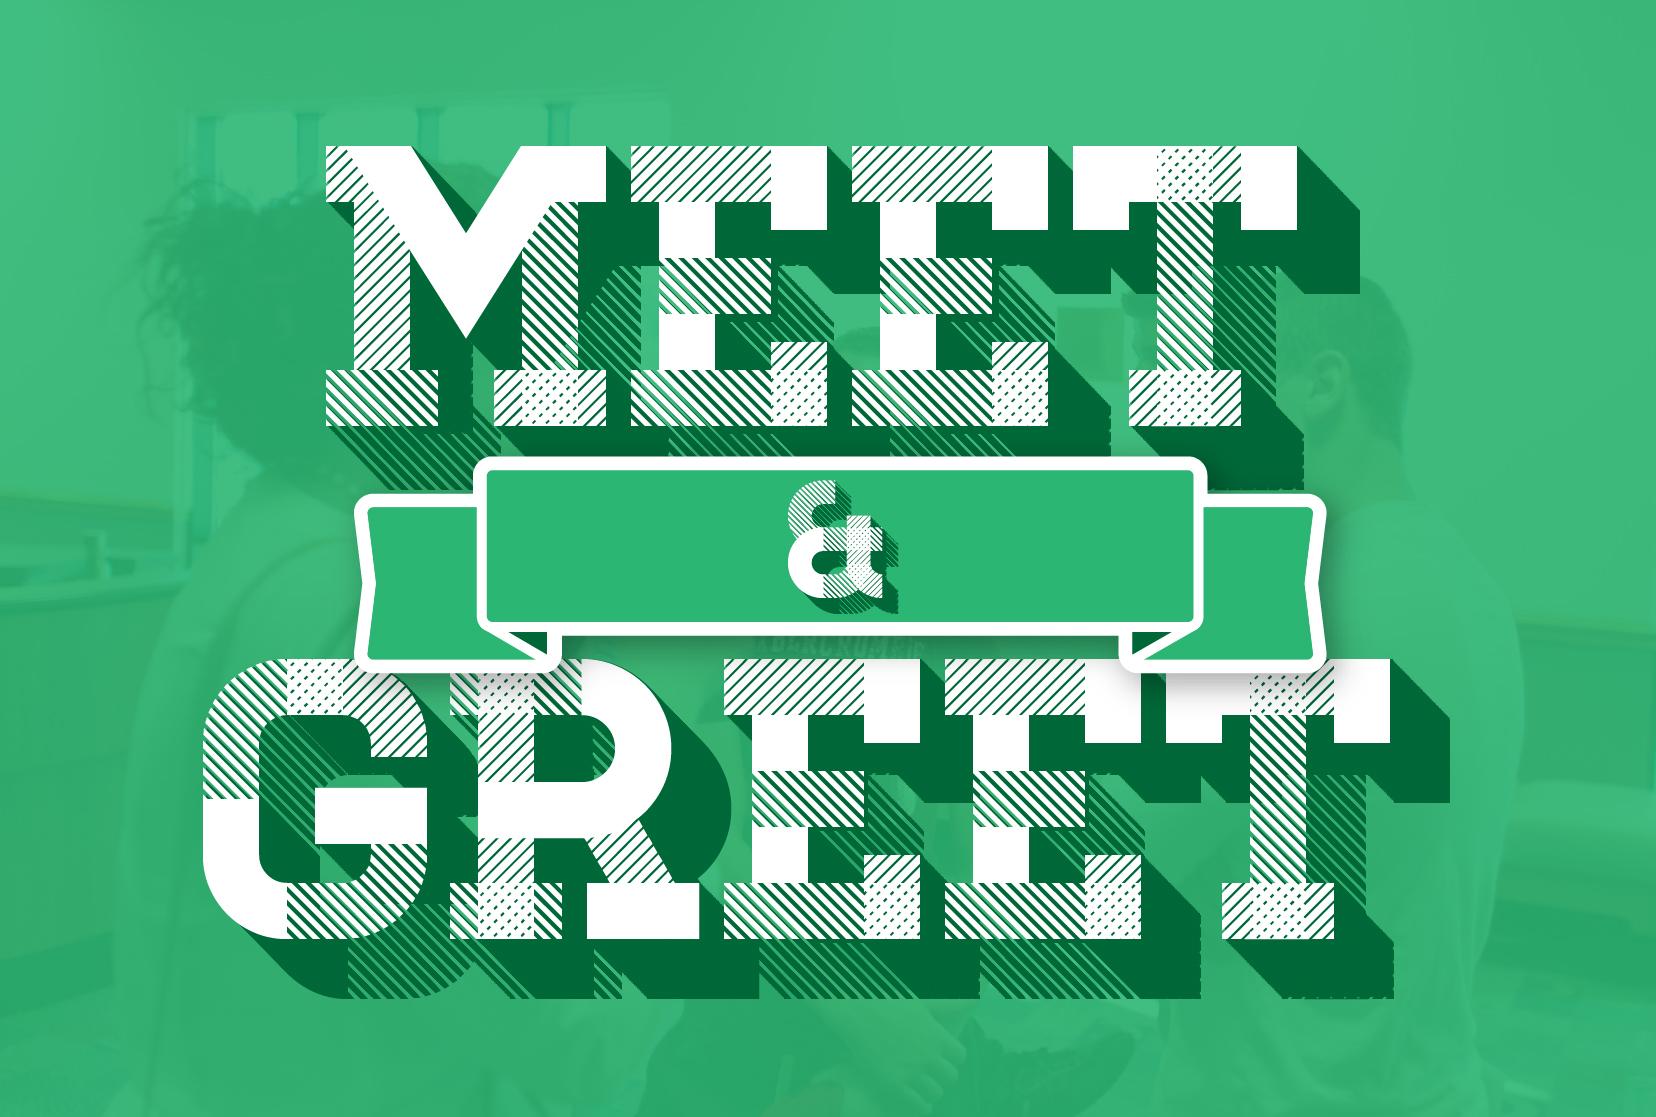 MeetGreet.jpg